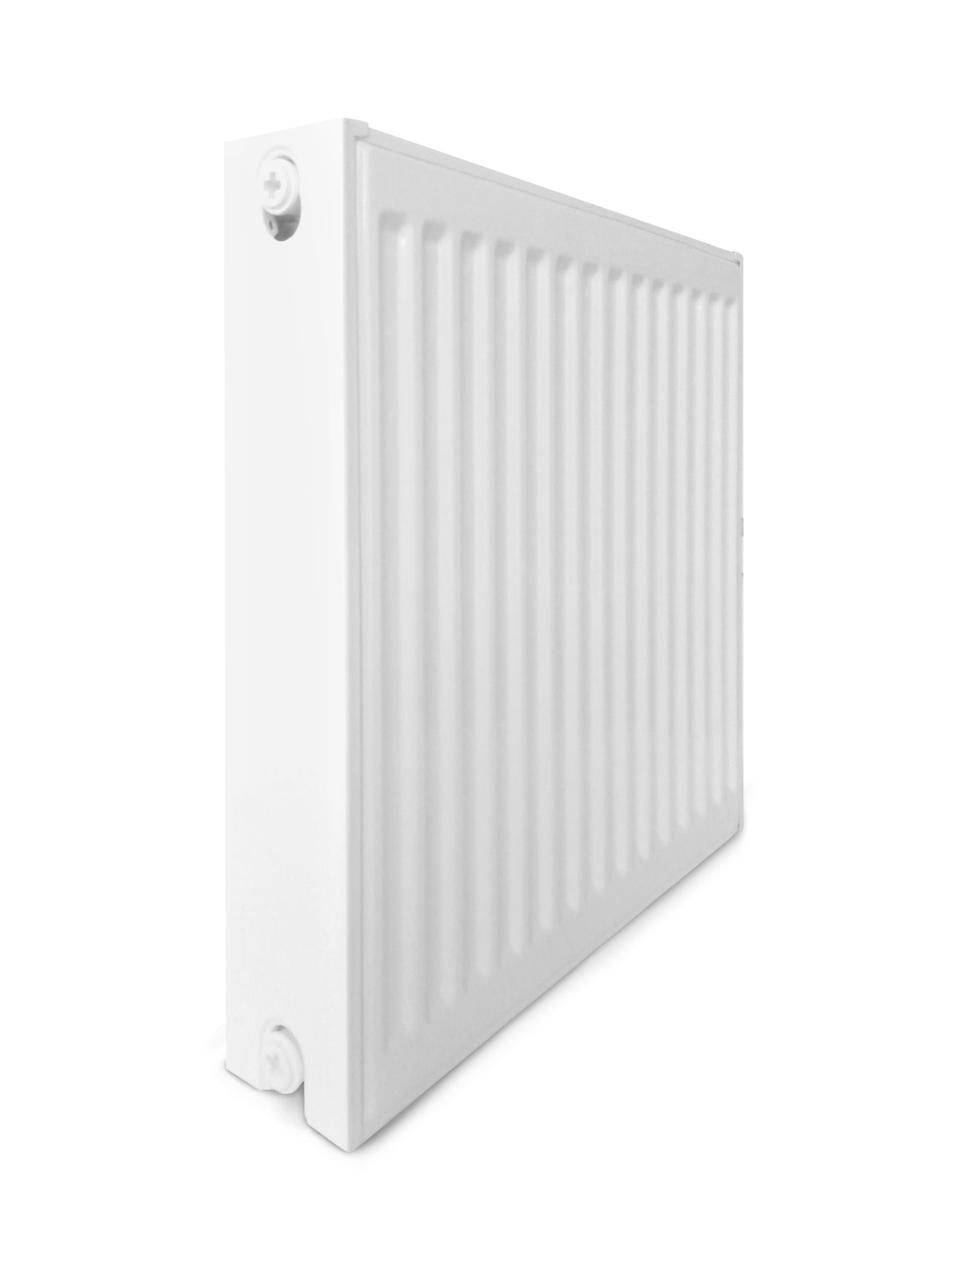 Радиатор стальной панельный Optimum боковой 500 на 700 мм тип 22 (1428 Вт)